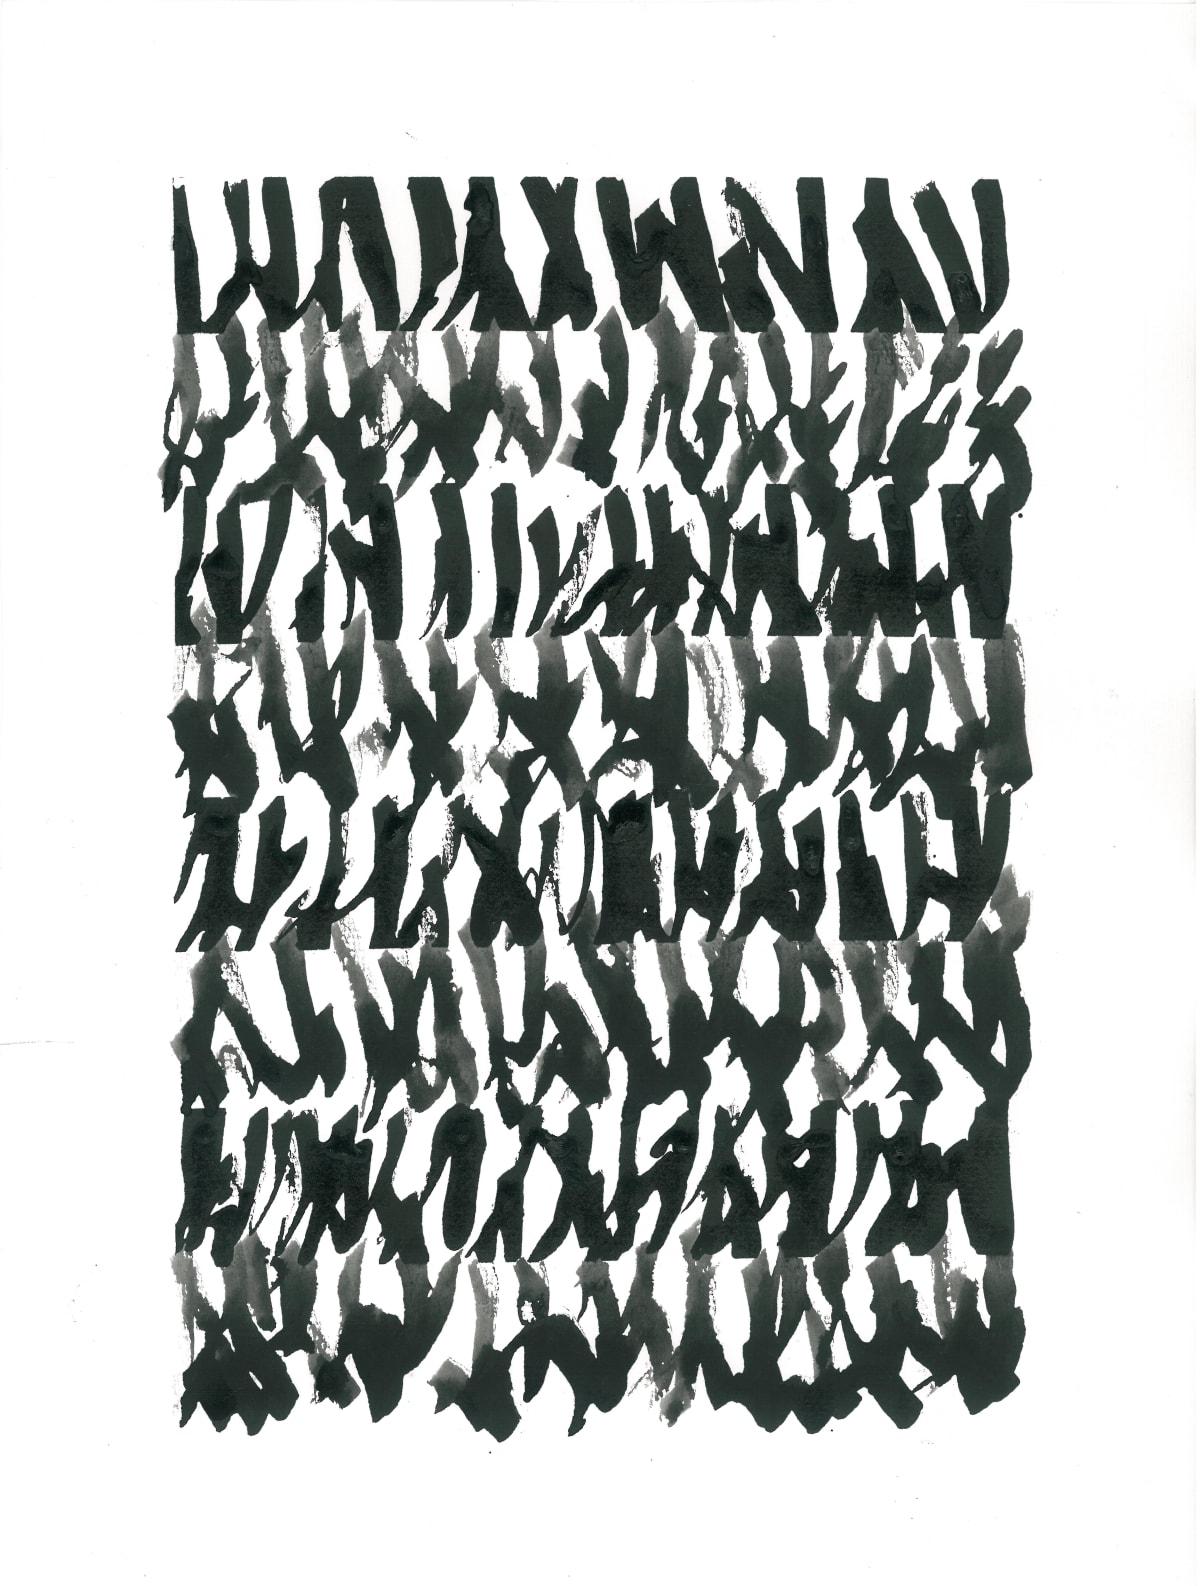 Mohammad Ali Talpur b. 1976Untitled (2), 2020 Ink on paper 37.5 x 27.5 cm 14 3/4 x 10 7/8 in